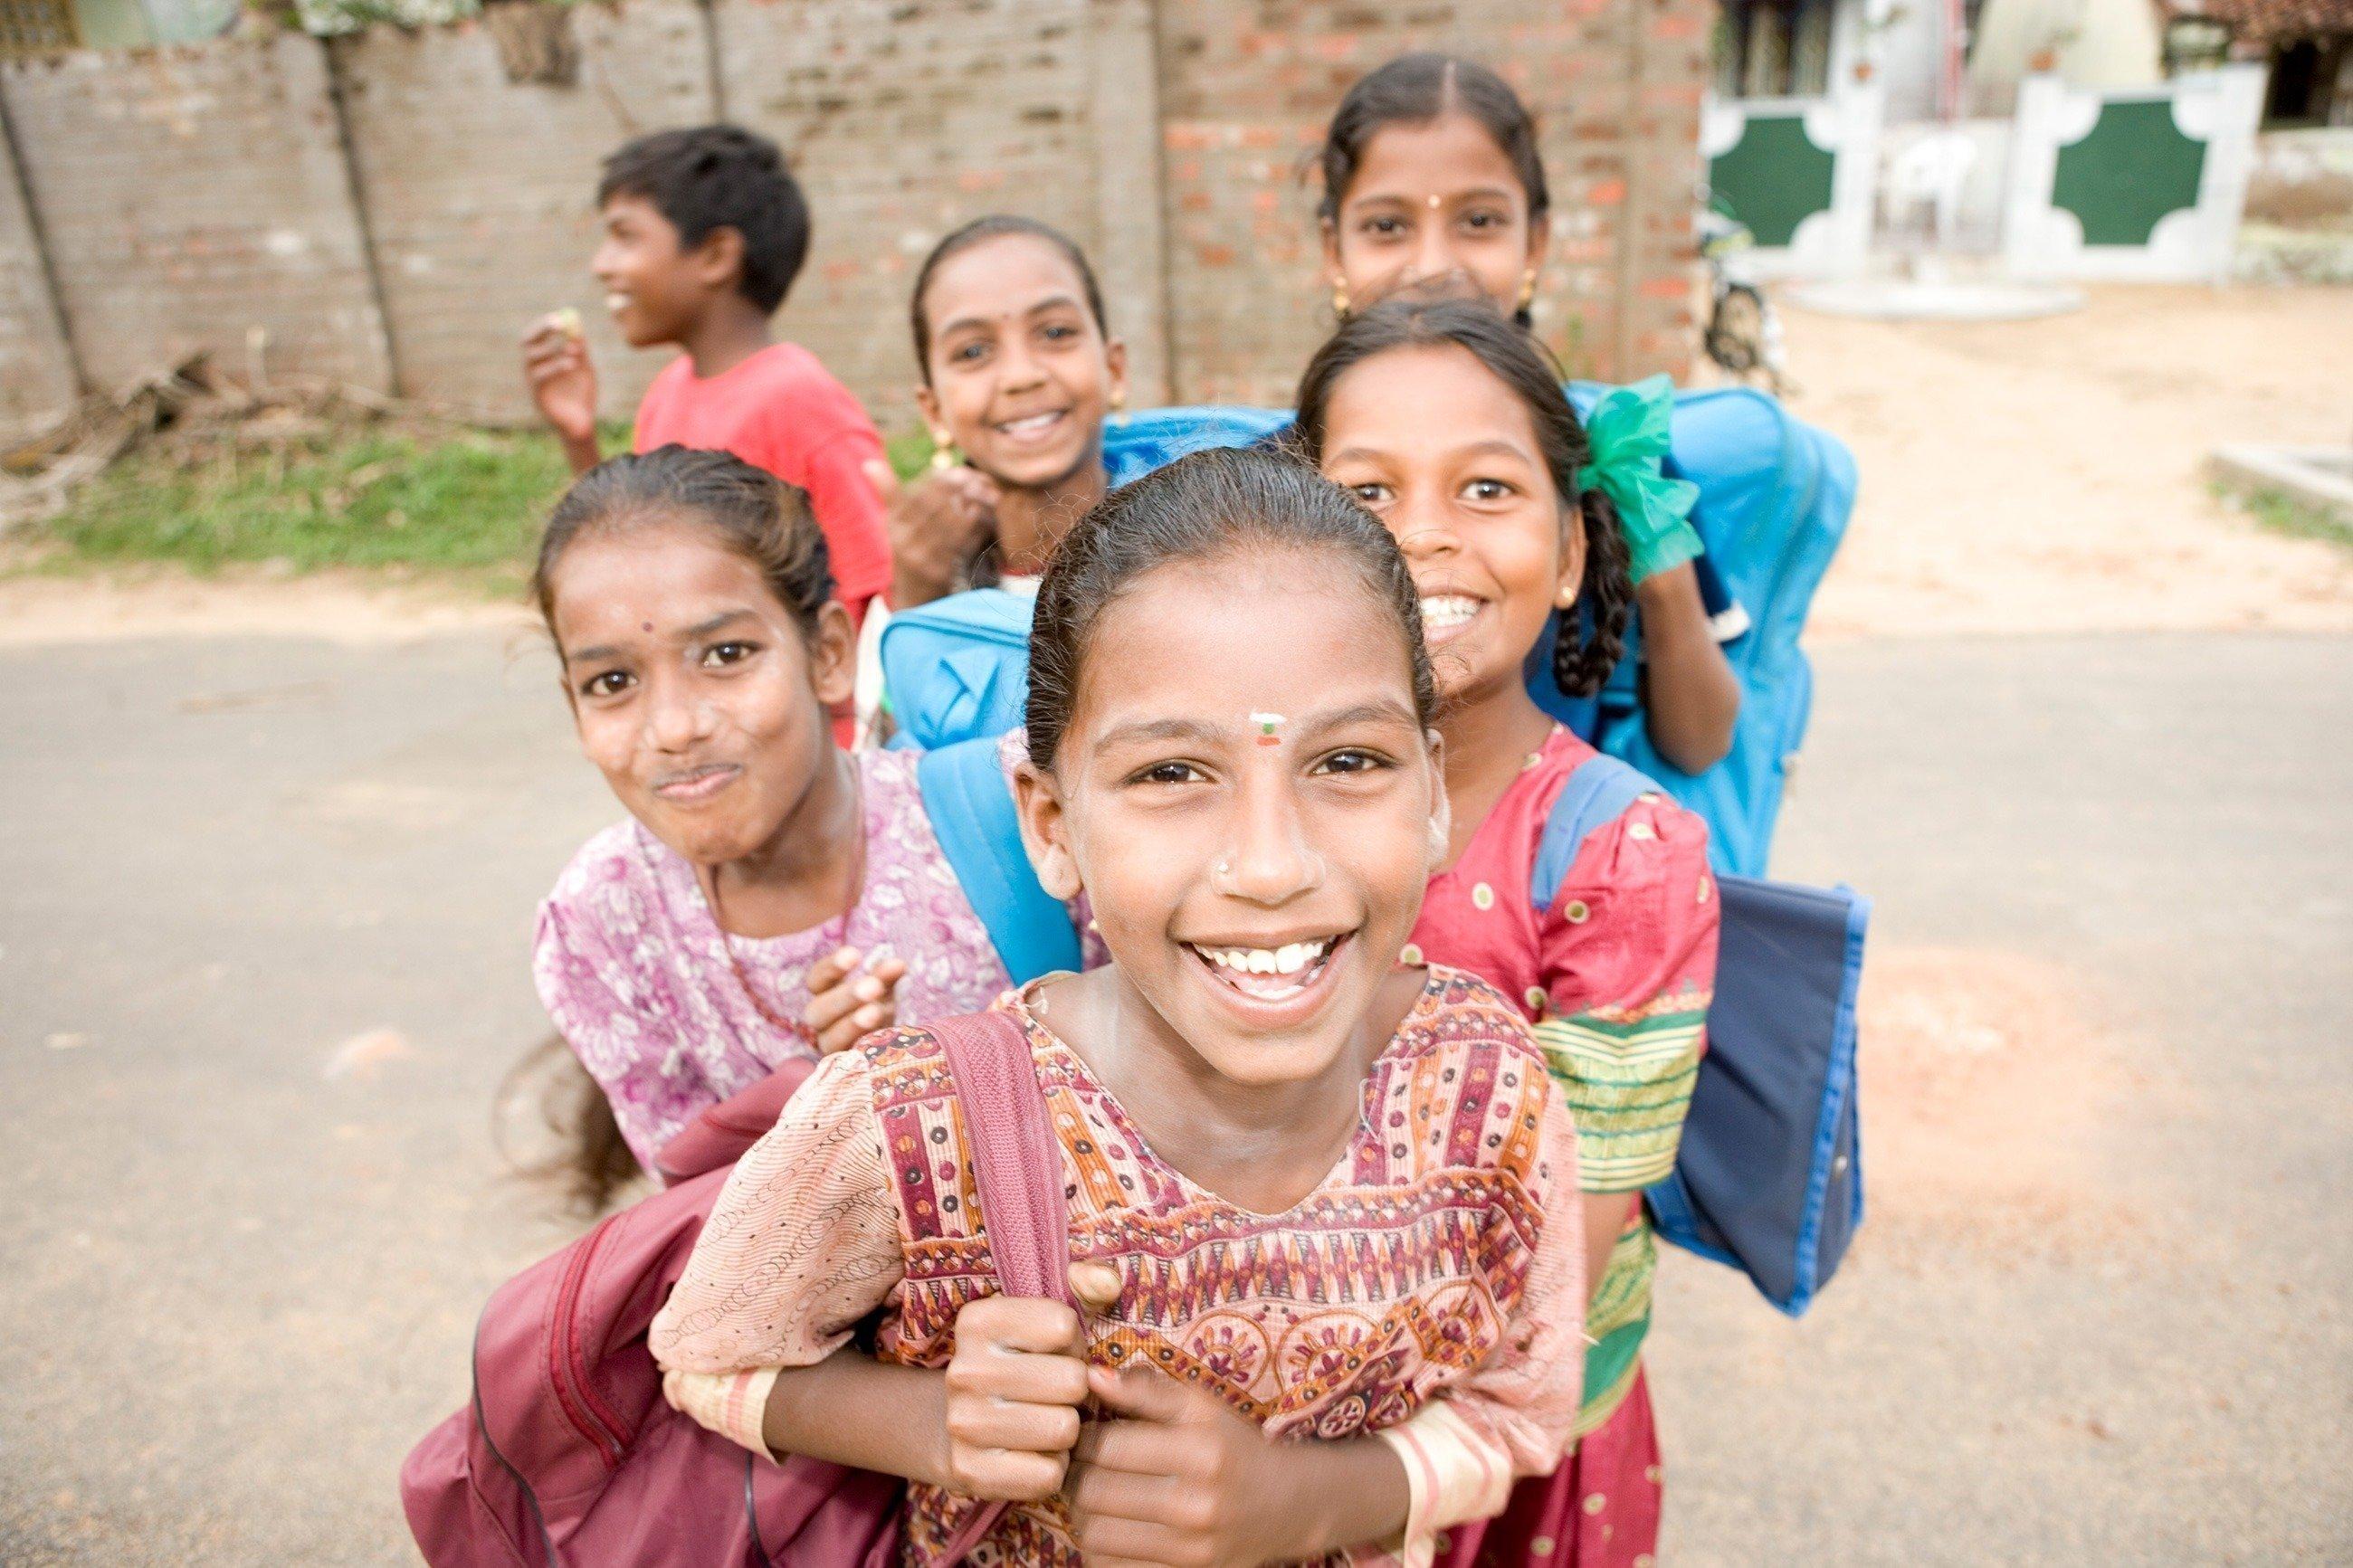 Scolari indiani sorridenti.